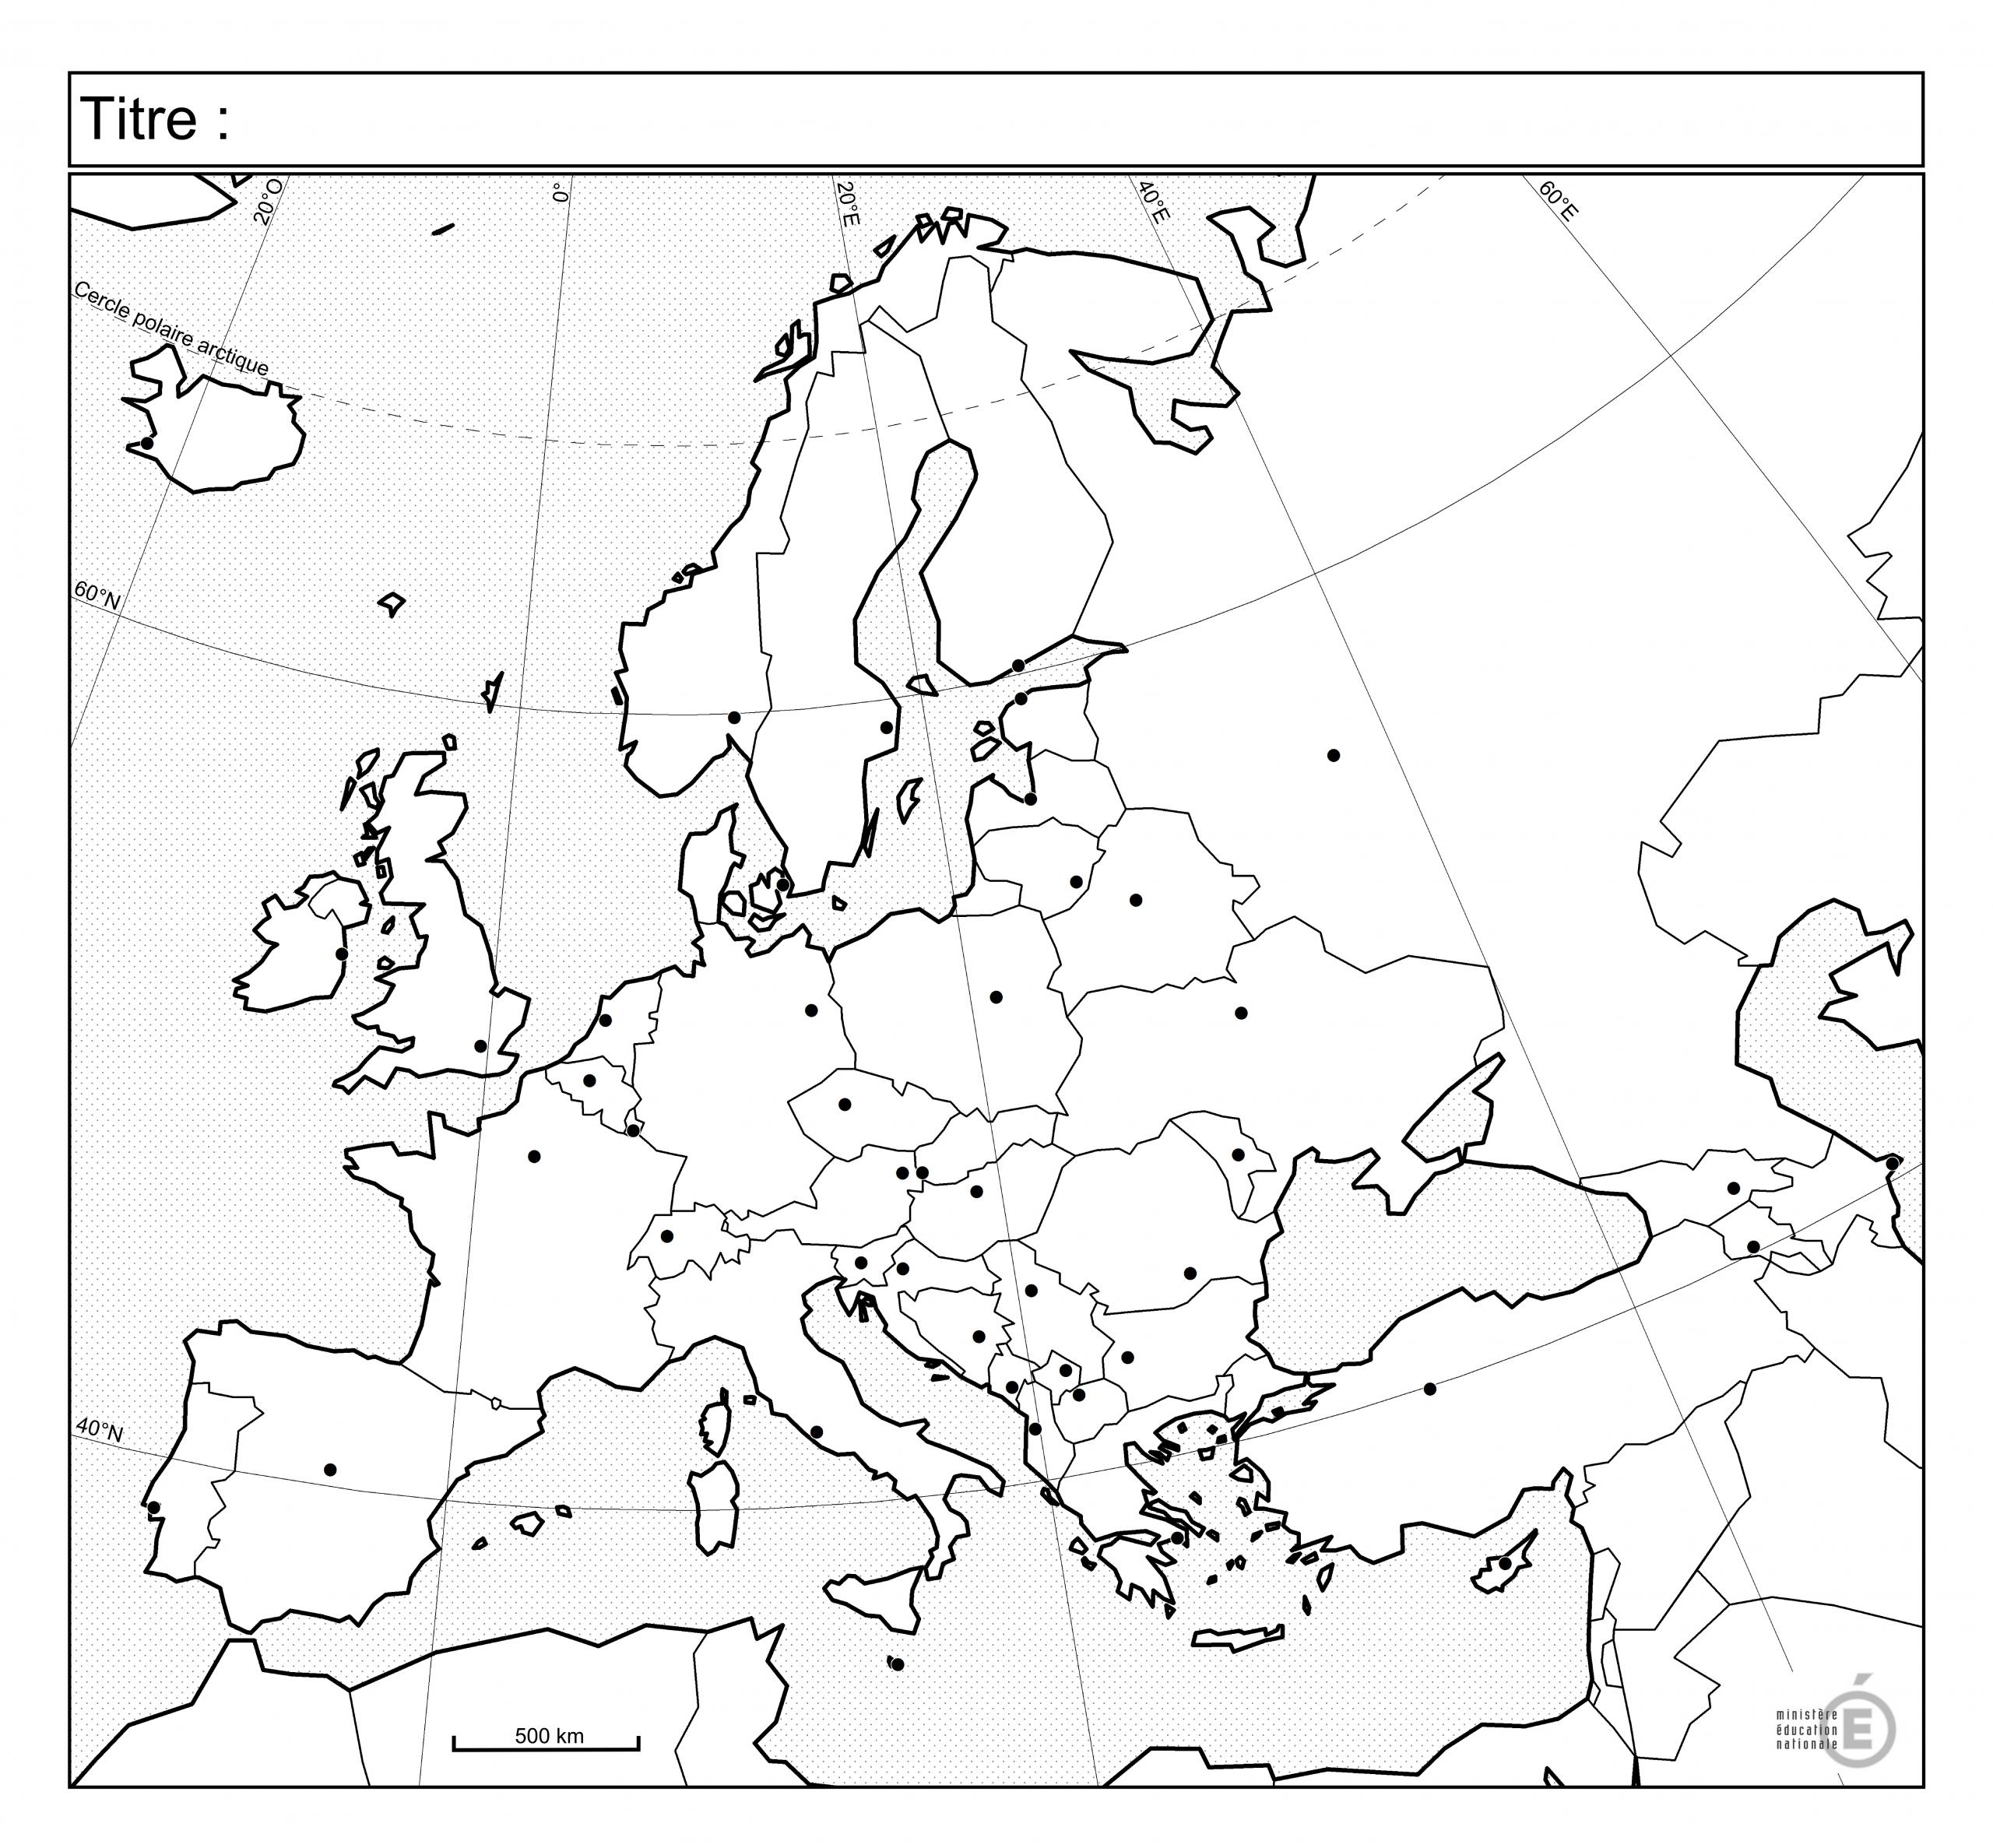 Fonds De Carte - Histoire-Géographie - Éduscol dedans Carte D Europe À Imprimer